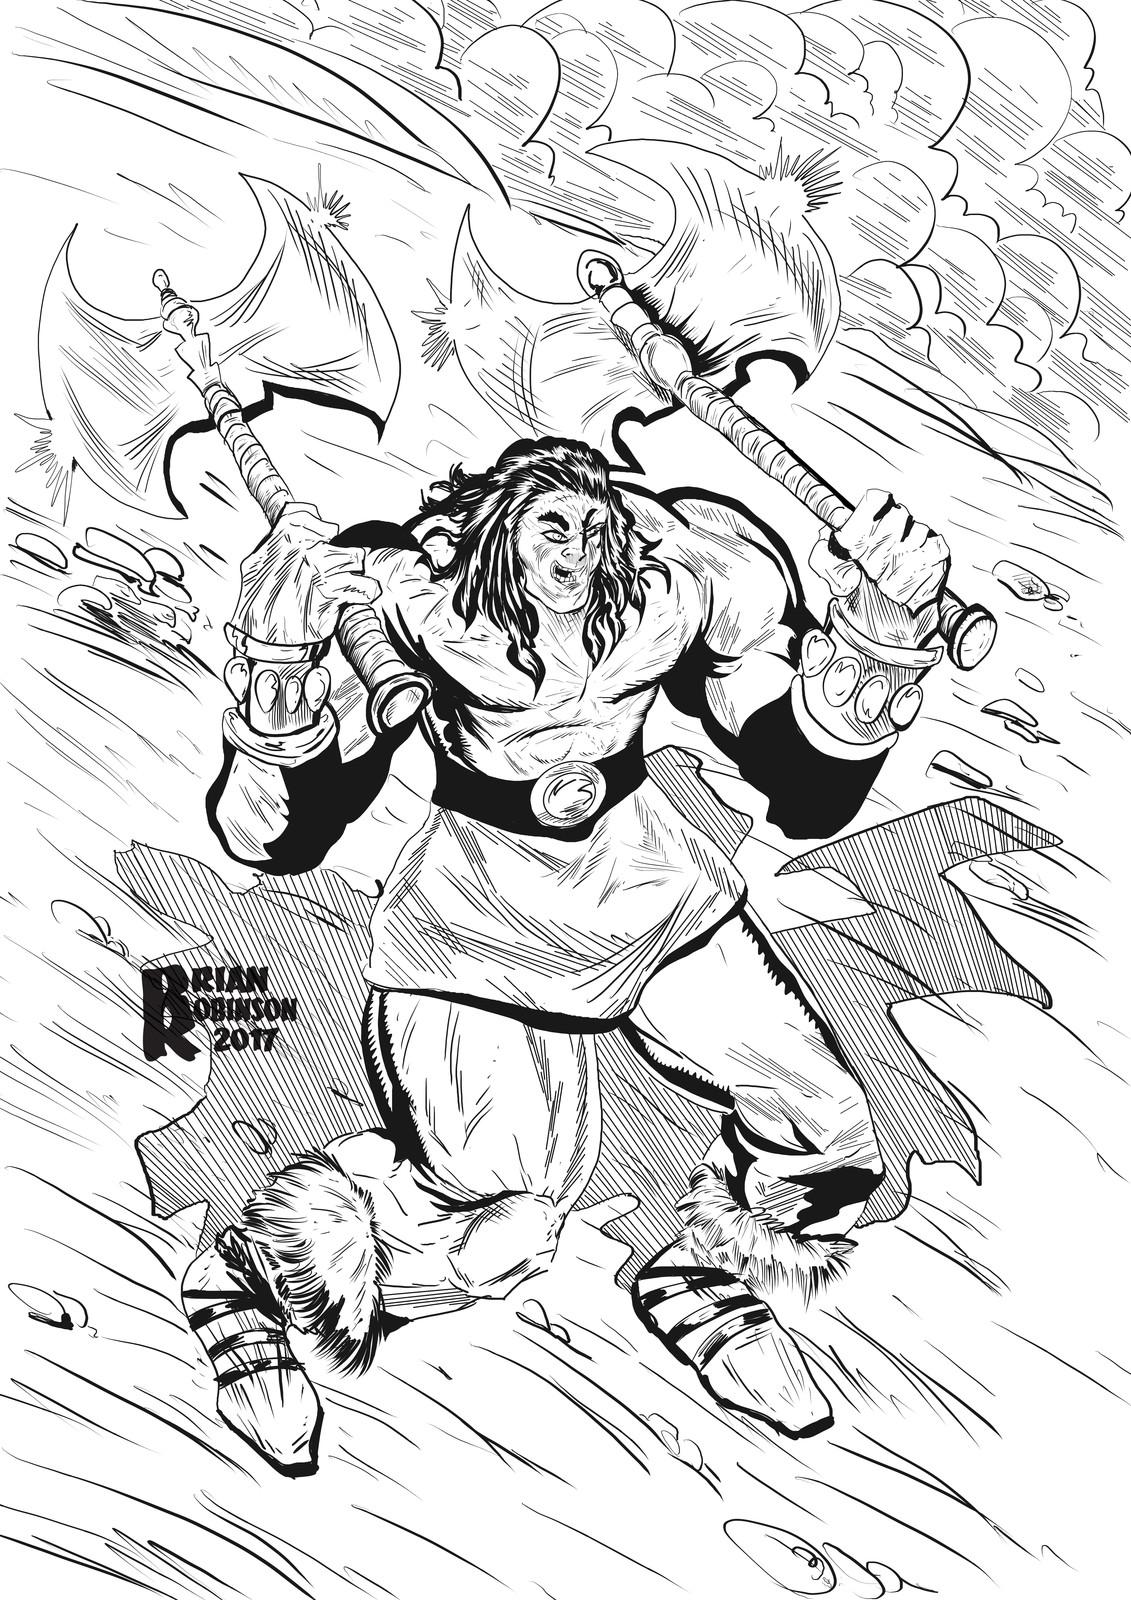 Conan the Barbarian drawing pinup by Brian Robinson